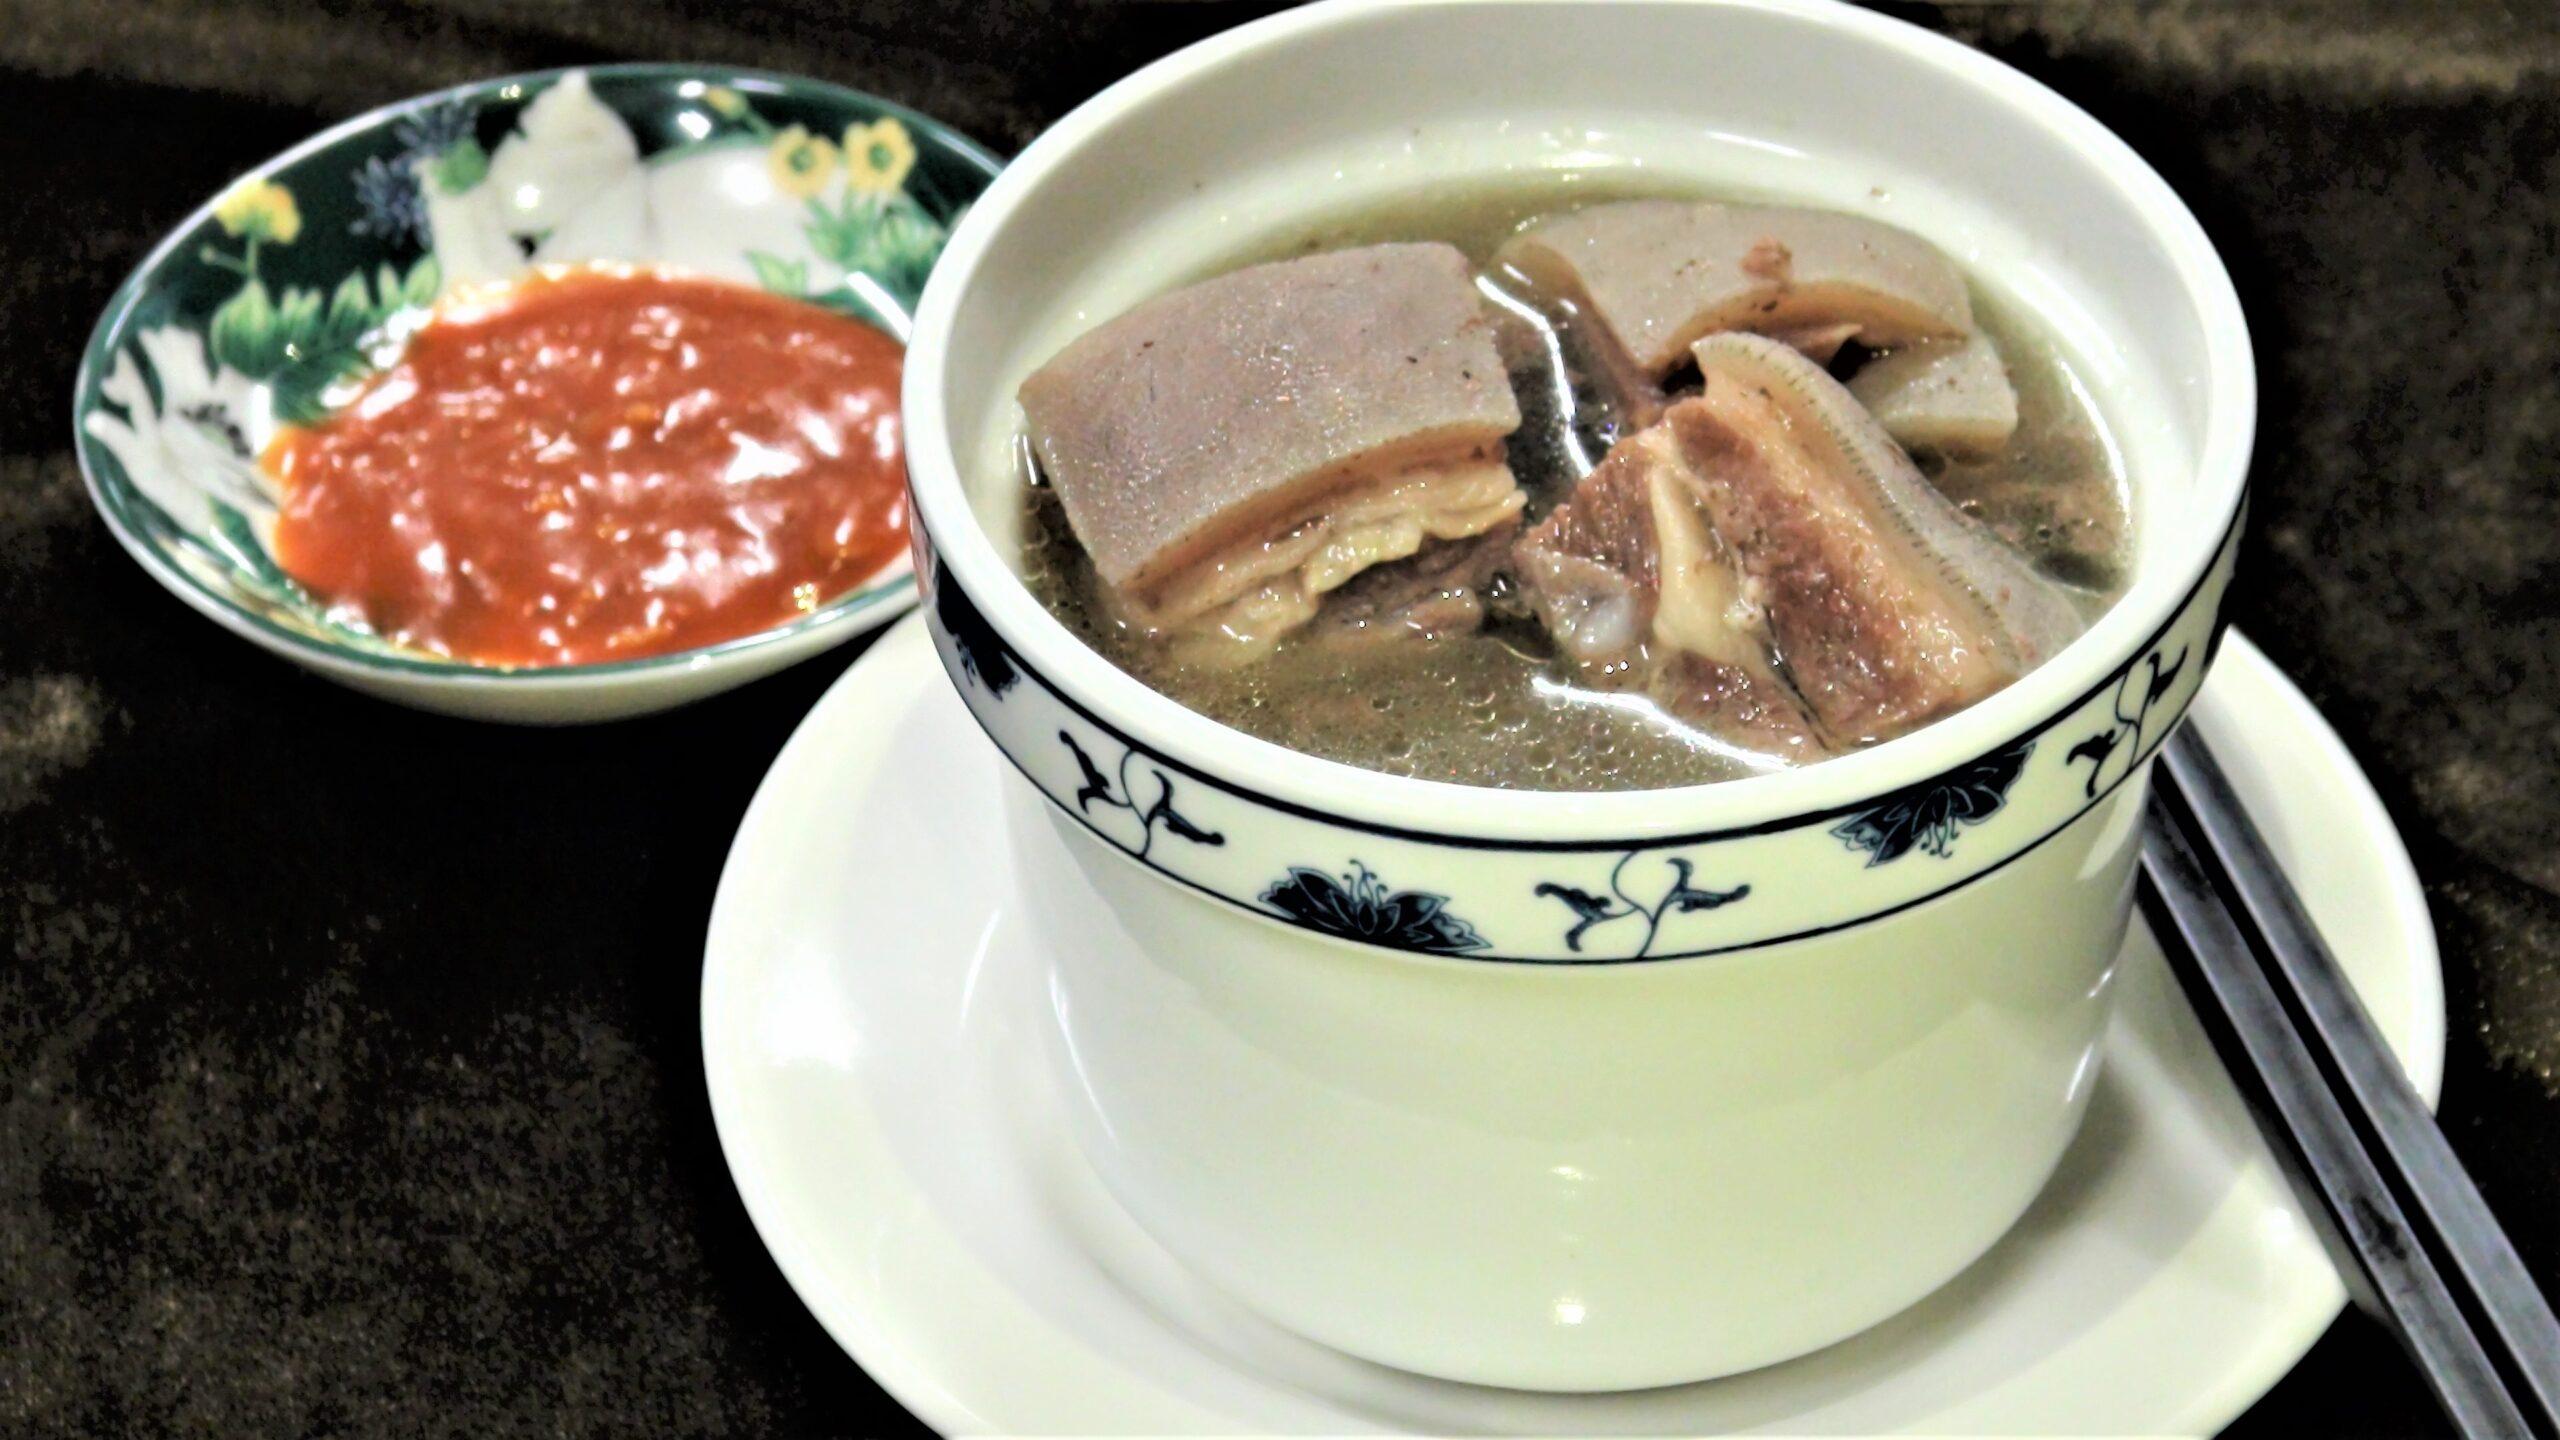 羊肉湯品系列